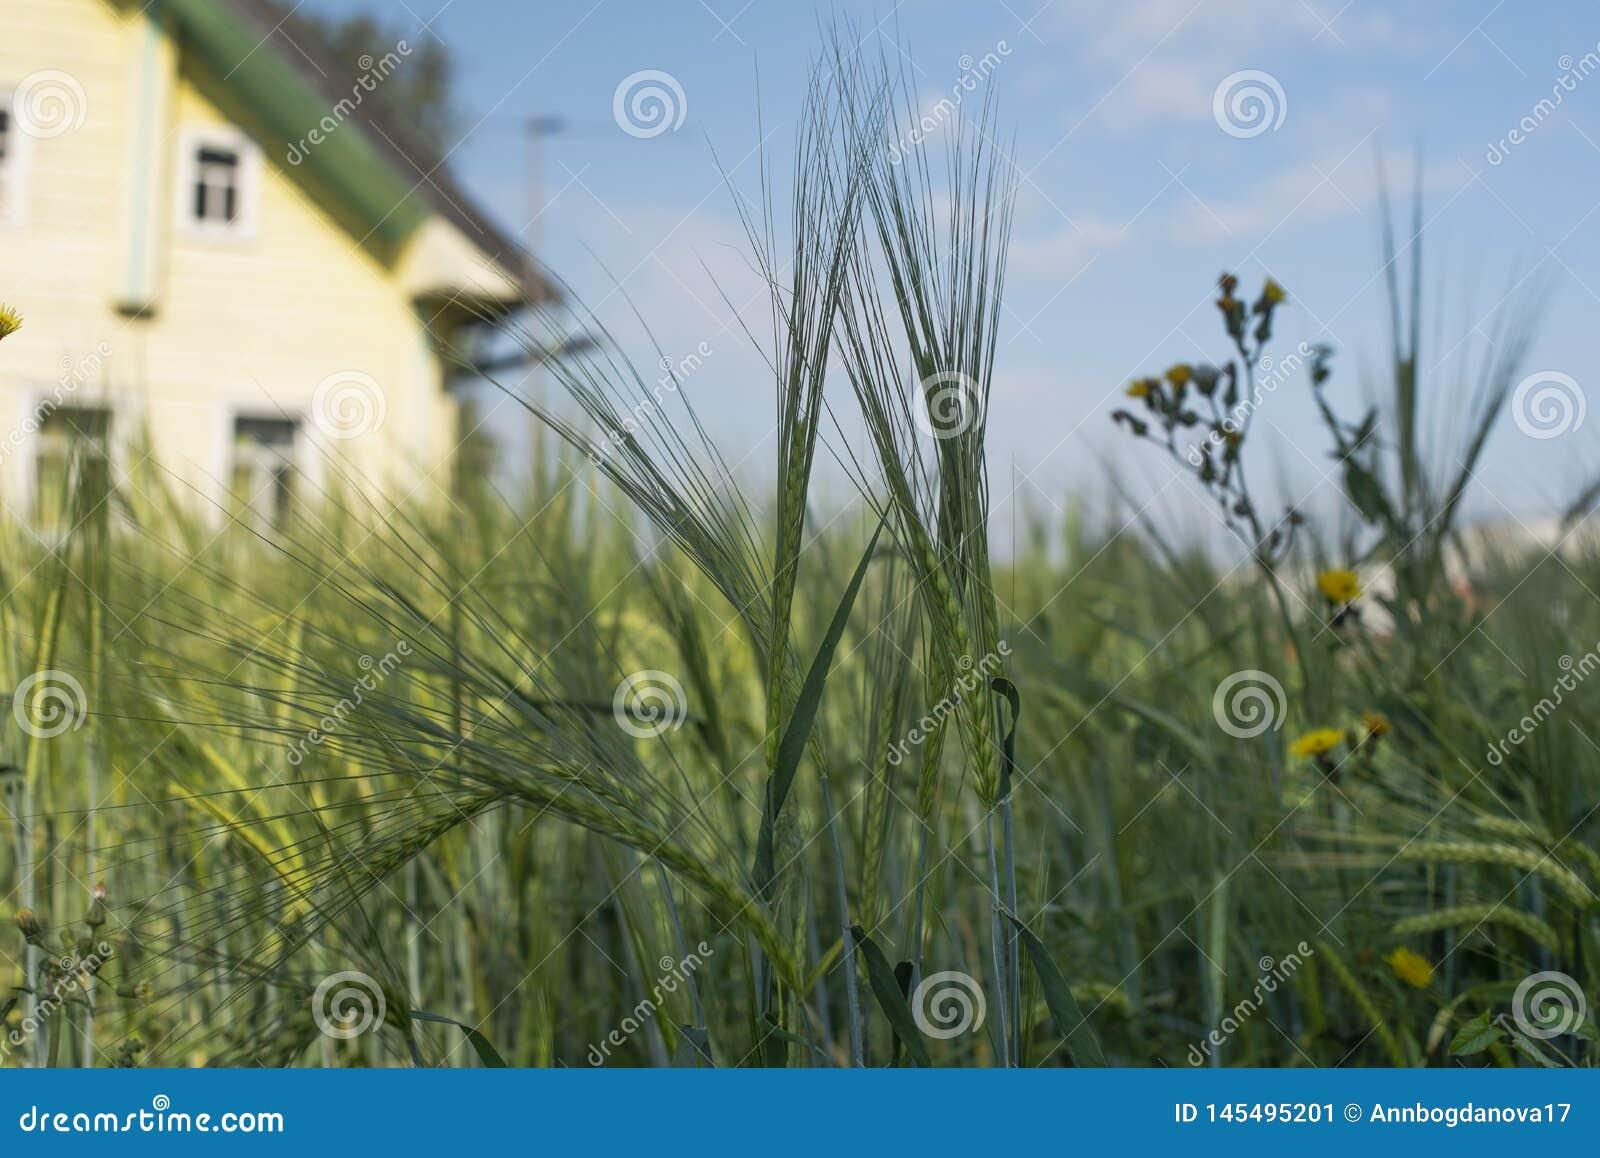 Młody żyto w polu blisko domu